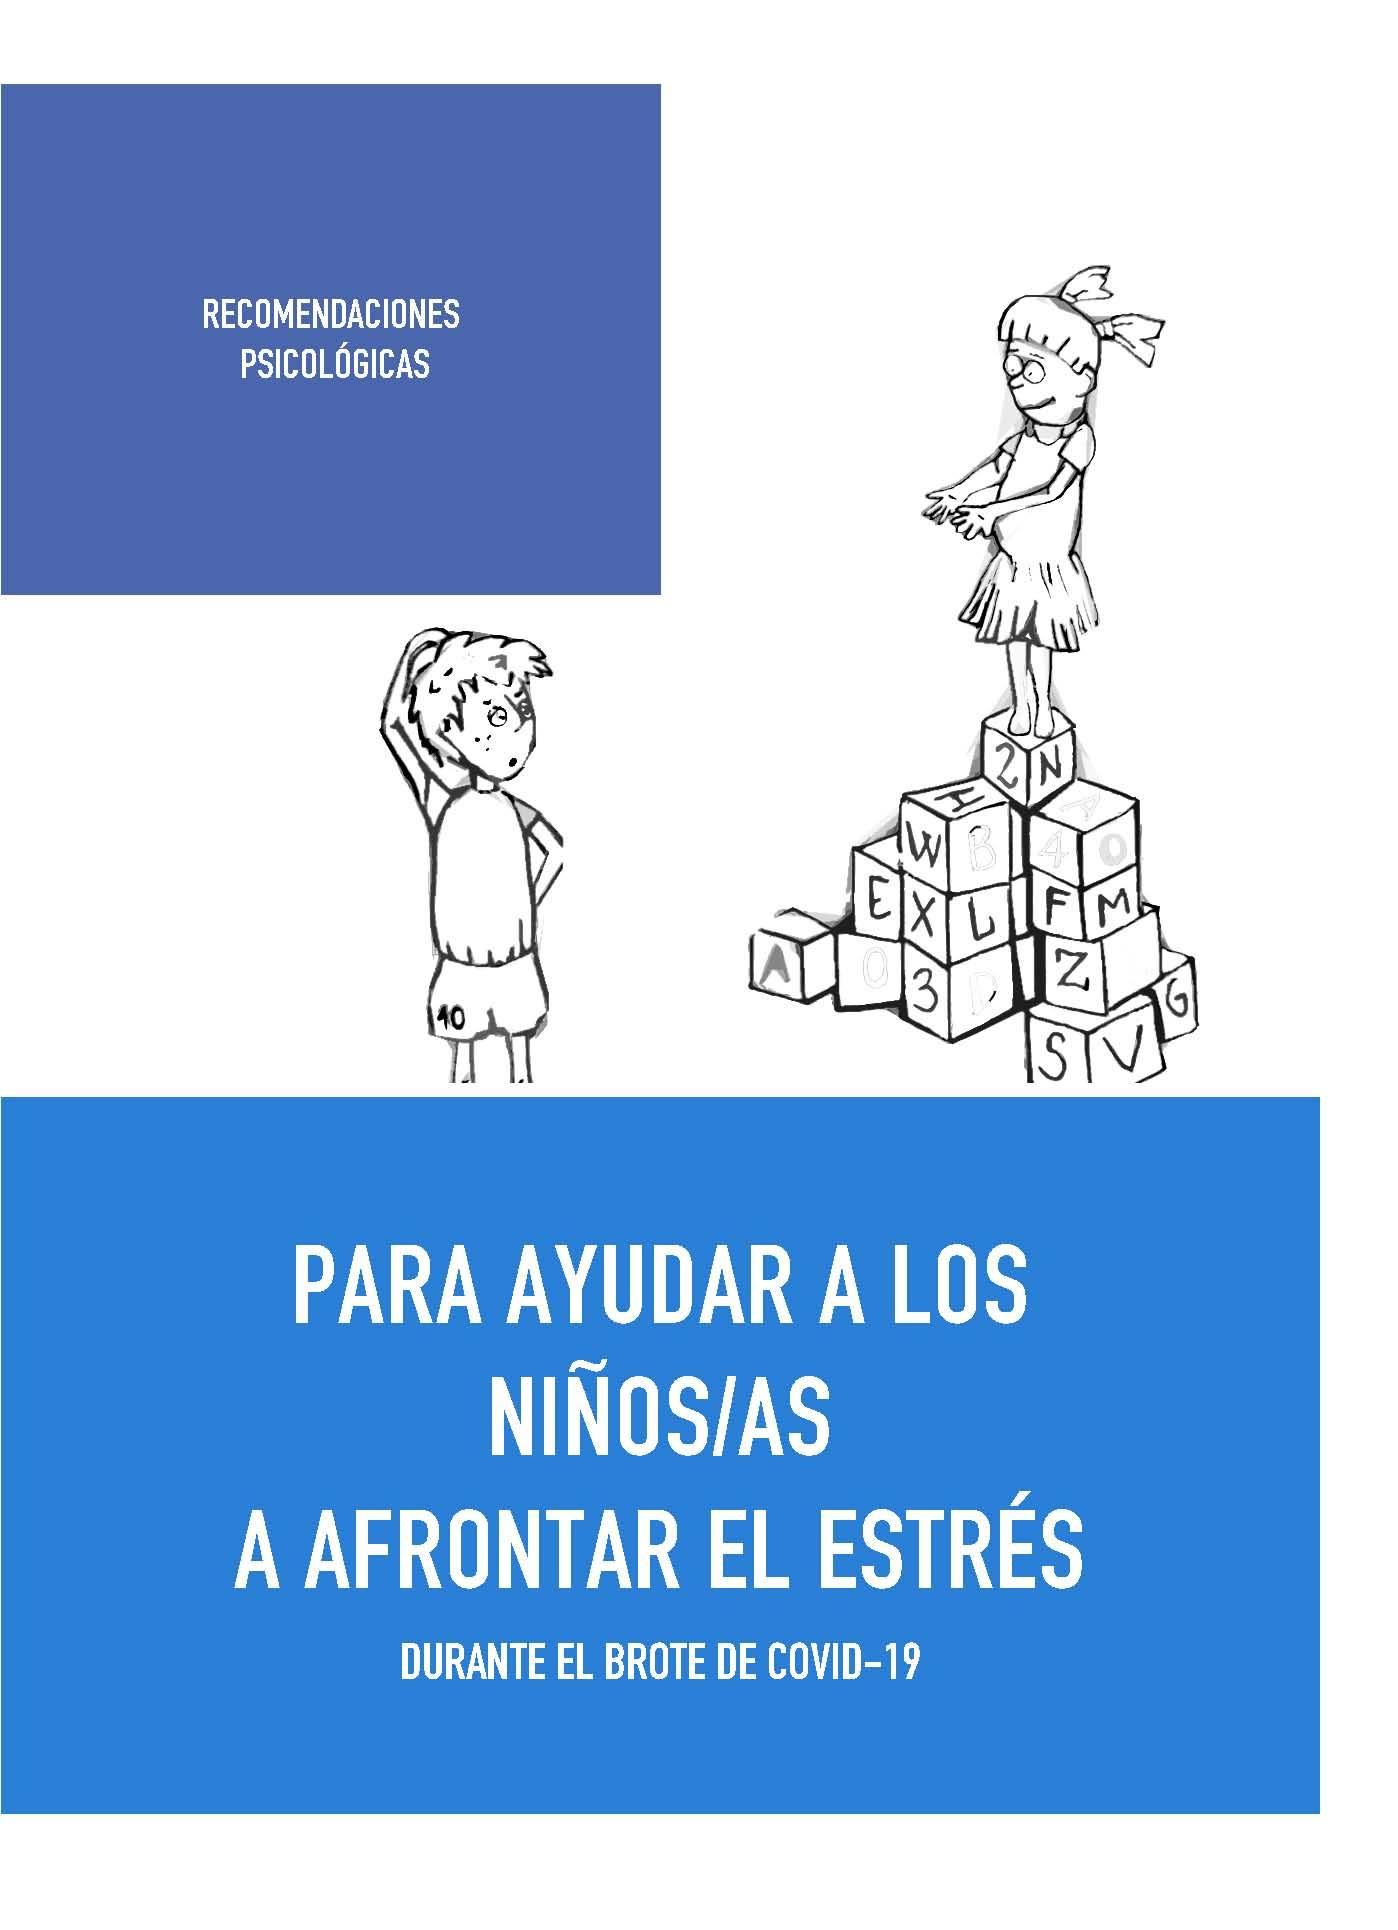 recomendaciones psicologicas para ayudar a ninas y ninos _pagina_1.jpg